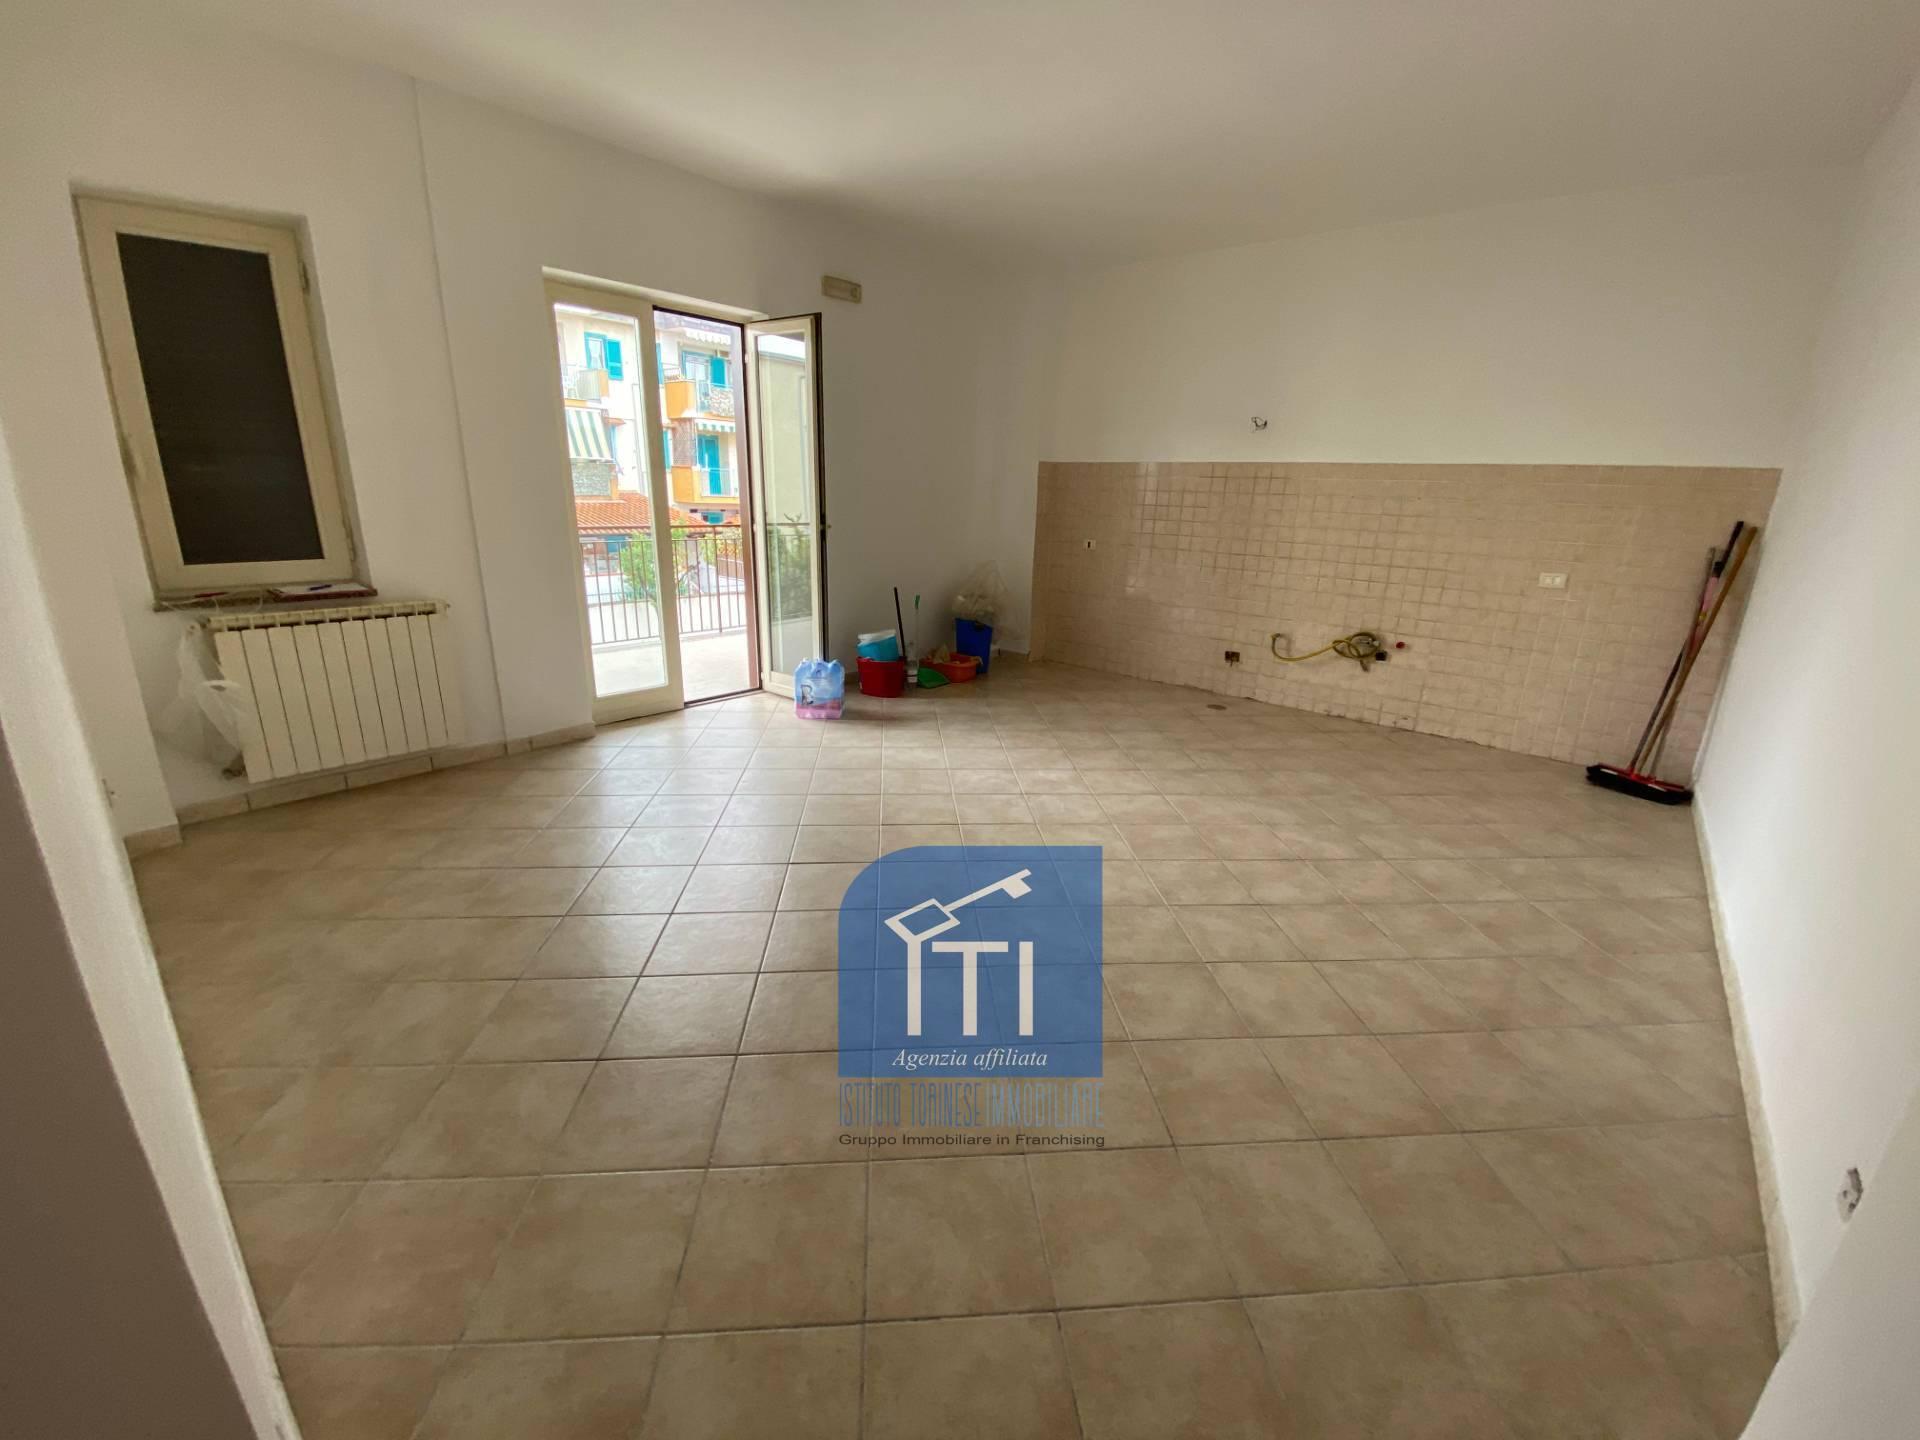 Appartamento in vendita a Villaricca, 3 locali, prezzo € 123.000 | CambioCasa.it